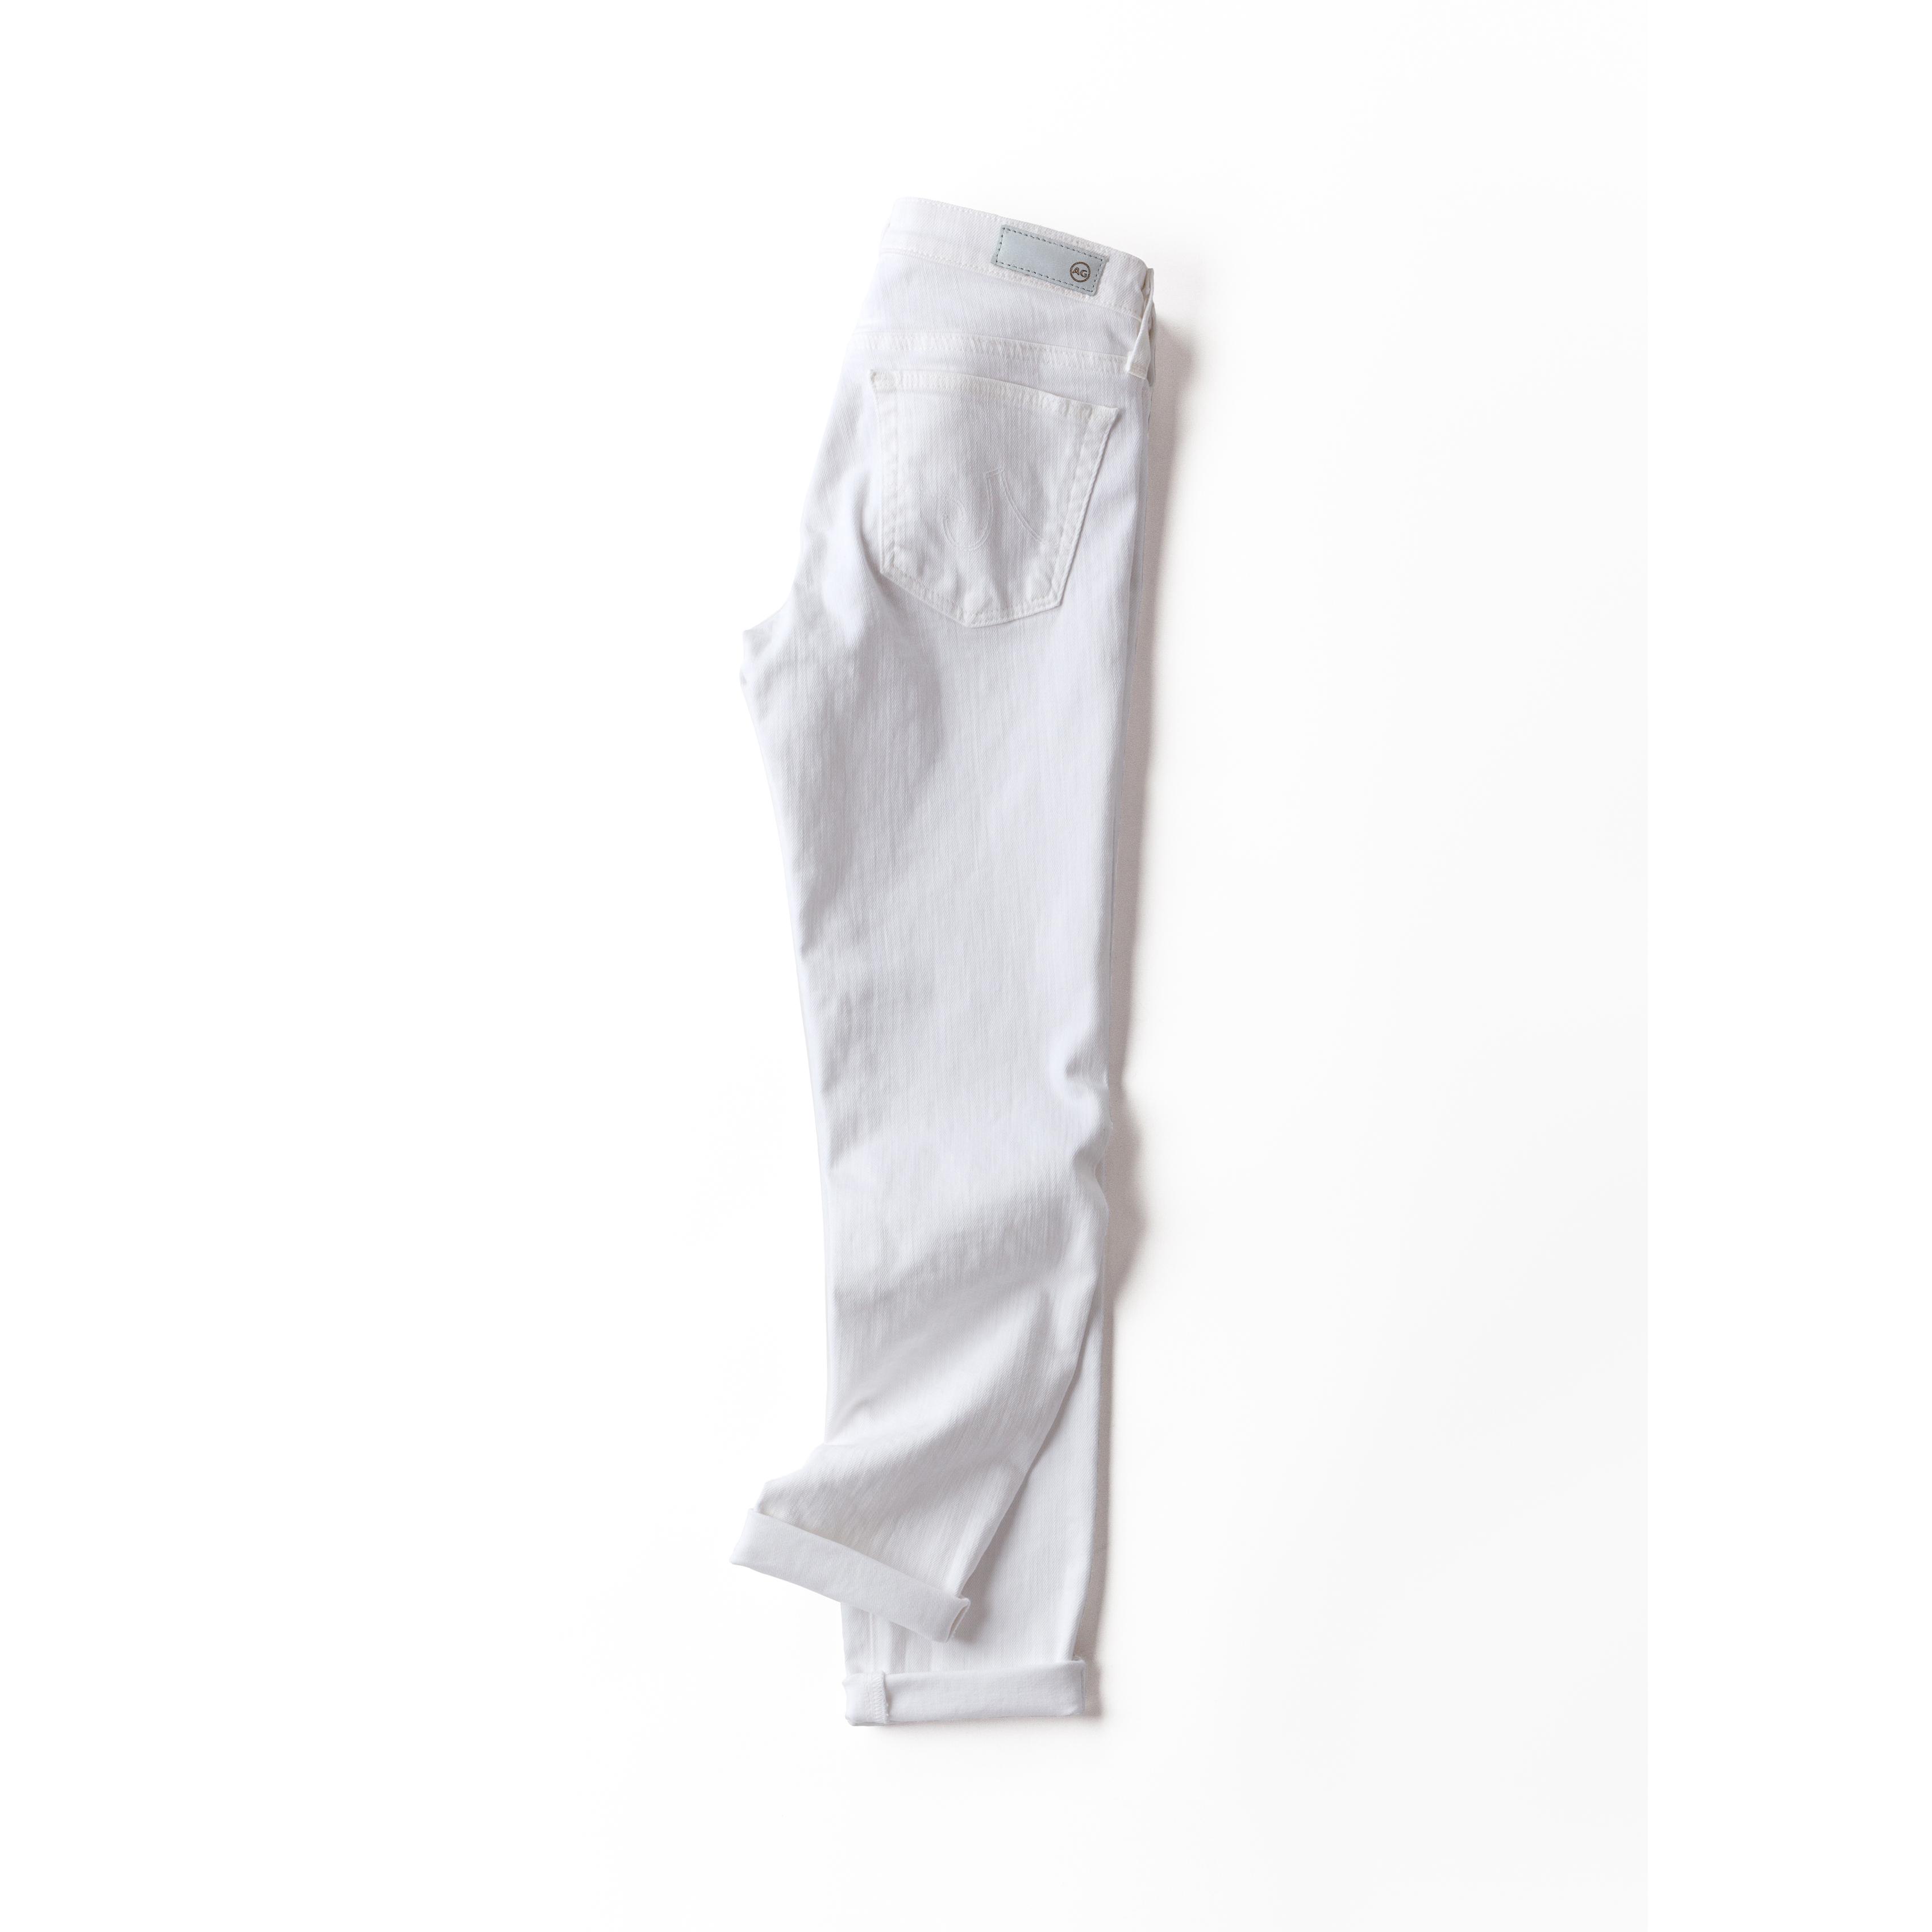 カプリ丈が便利なホワイトデニム